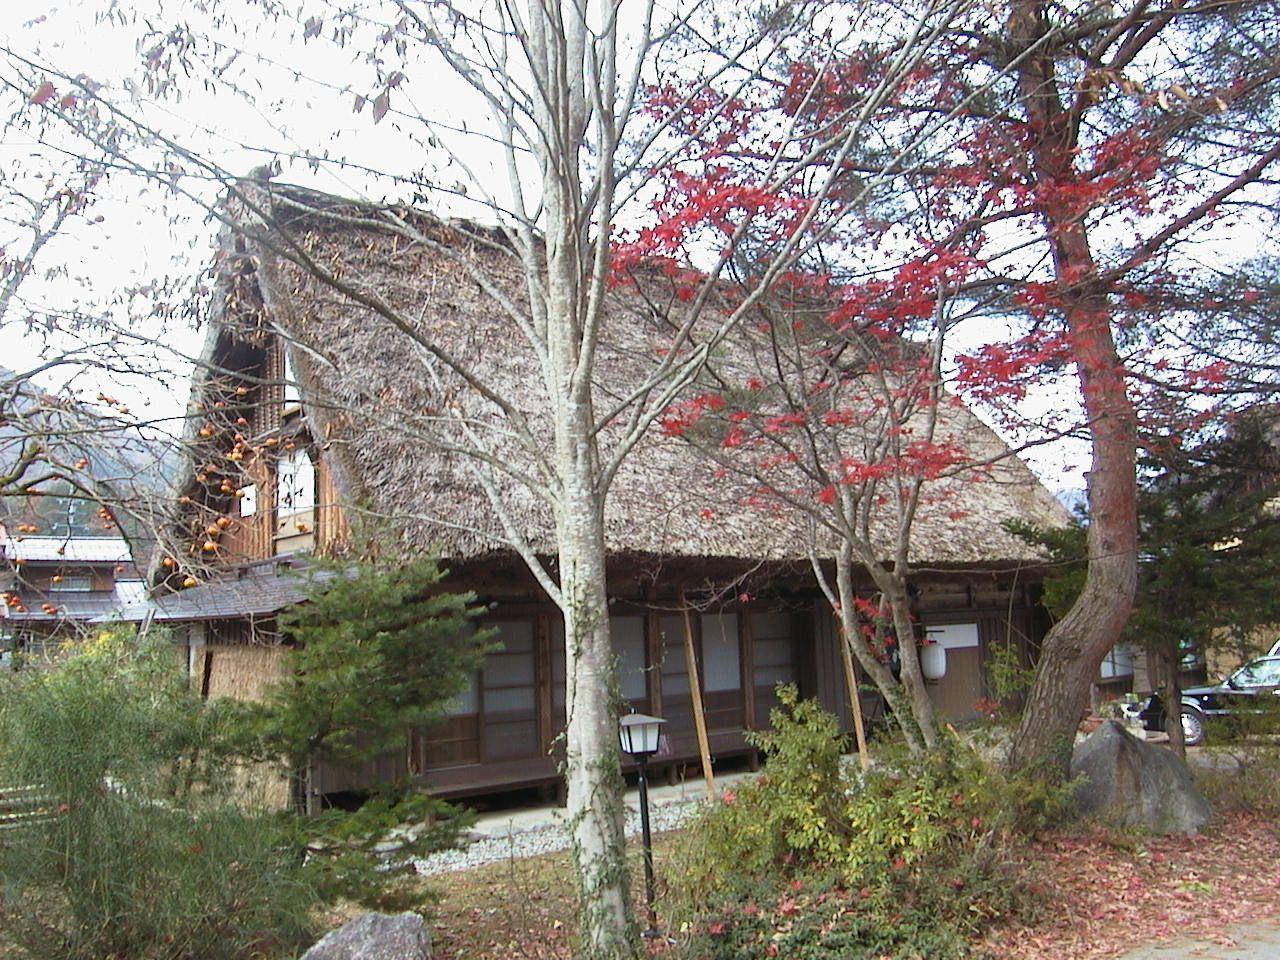 合掌造りの民家・もみじ・柿 晩秋の風景が美しい荻町集落